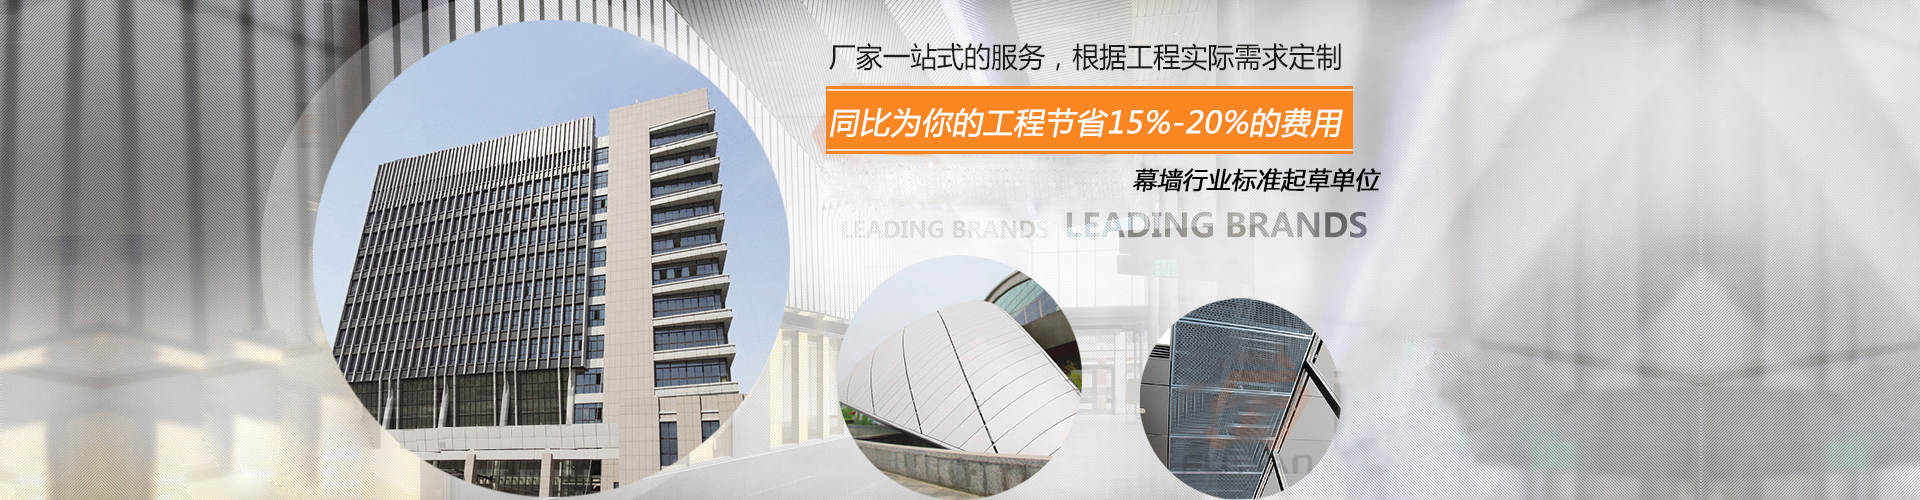 铝单板,氟碳铝板,吊顶铝单板,吊顶铝板,幕墙铝板,幕墙铝单板等